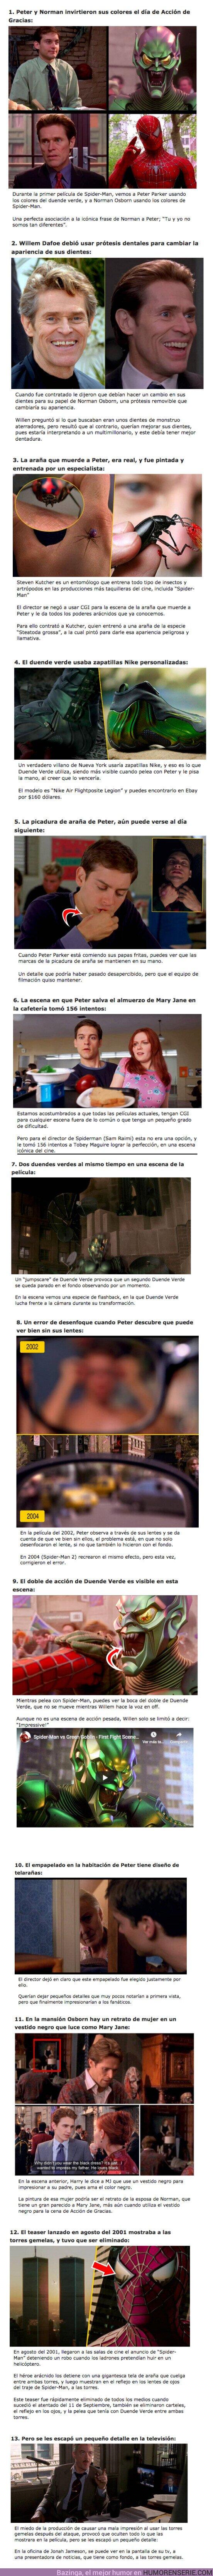 60490 - GALERÍA: 13 Curiosidades sobre el Spider-Man de Tobey Maguire ¿La mejor o Peor Saga?